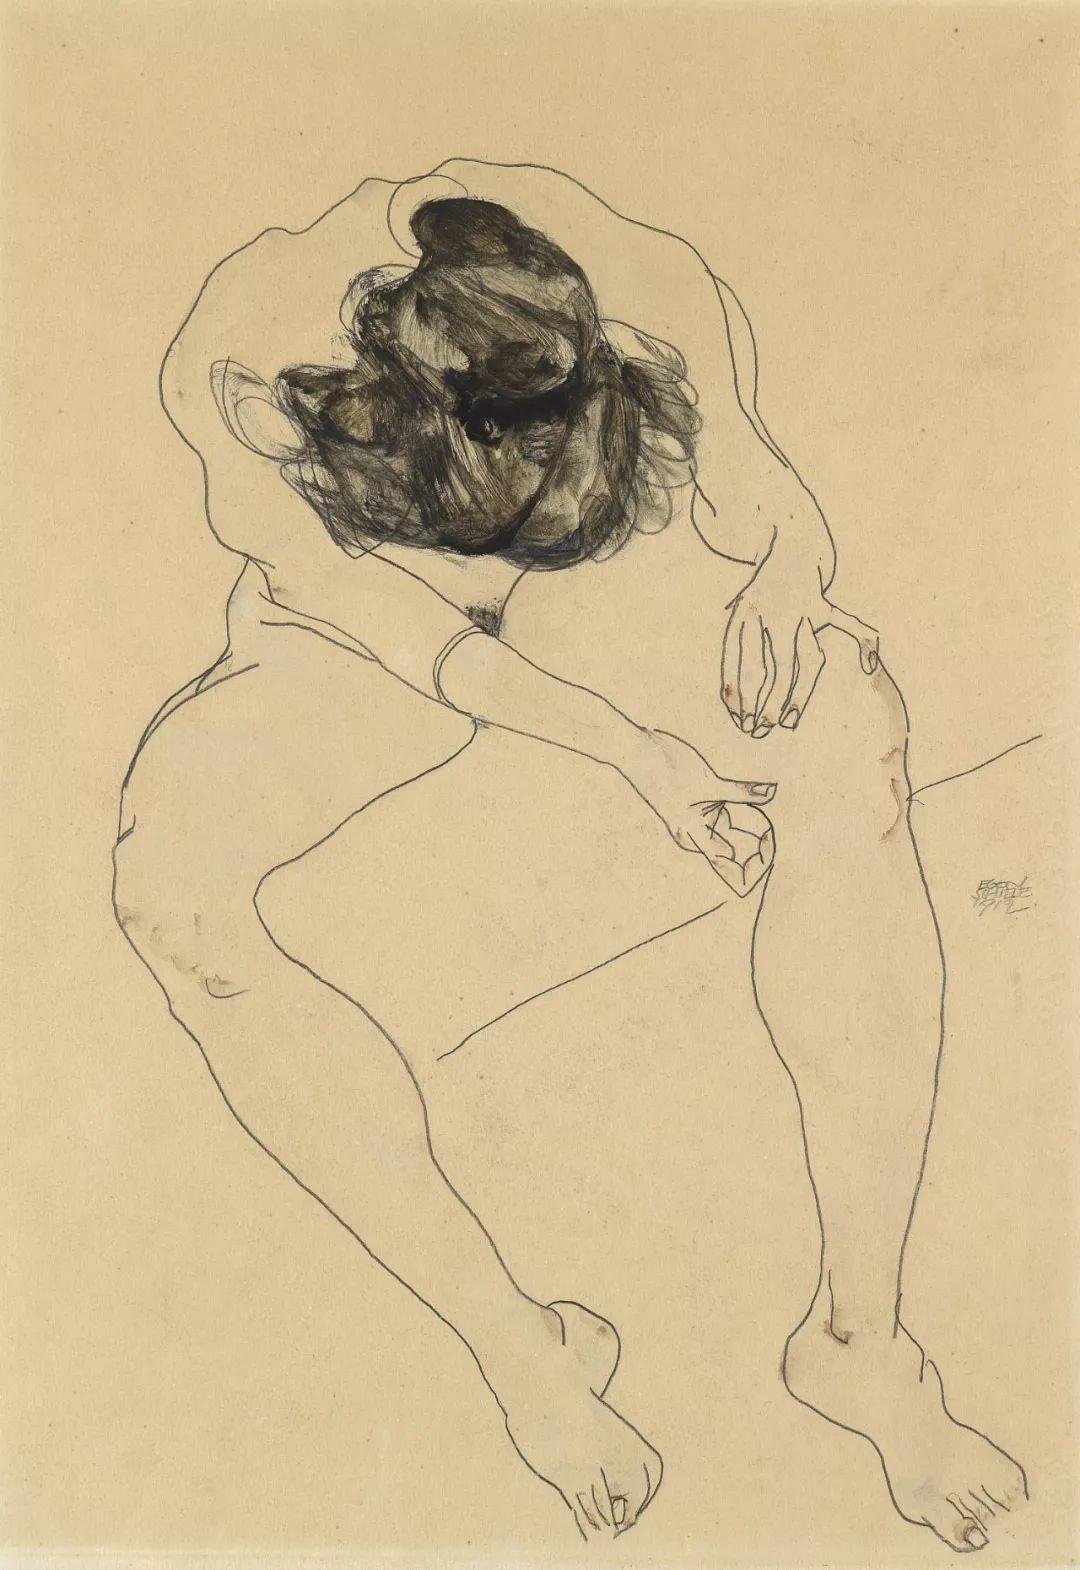 年仅28岁,生前遭受非议,死后却被捧为直逼心灵的艺术家插图191